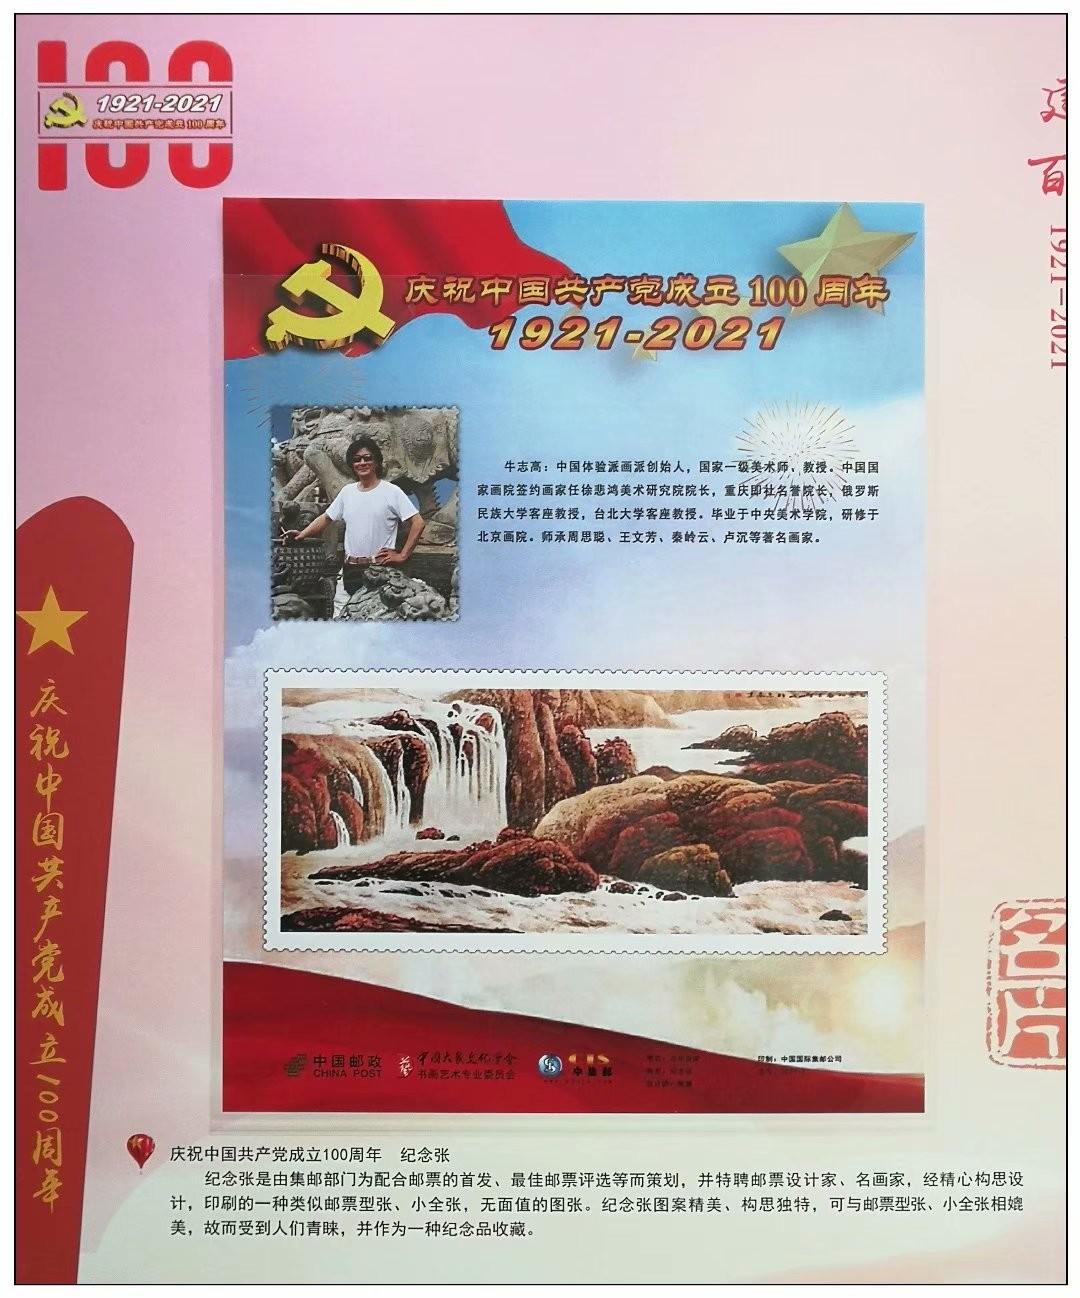 庆祝中国共产党成立100周年---牛志高书画集邮册面世2021.03.15_图1-5